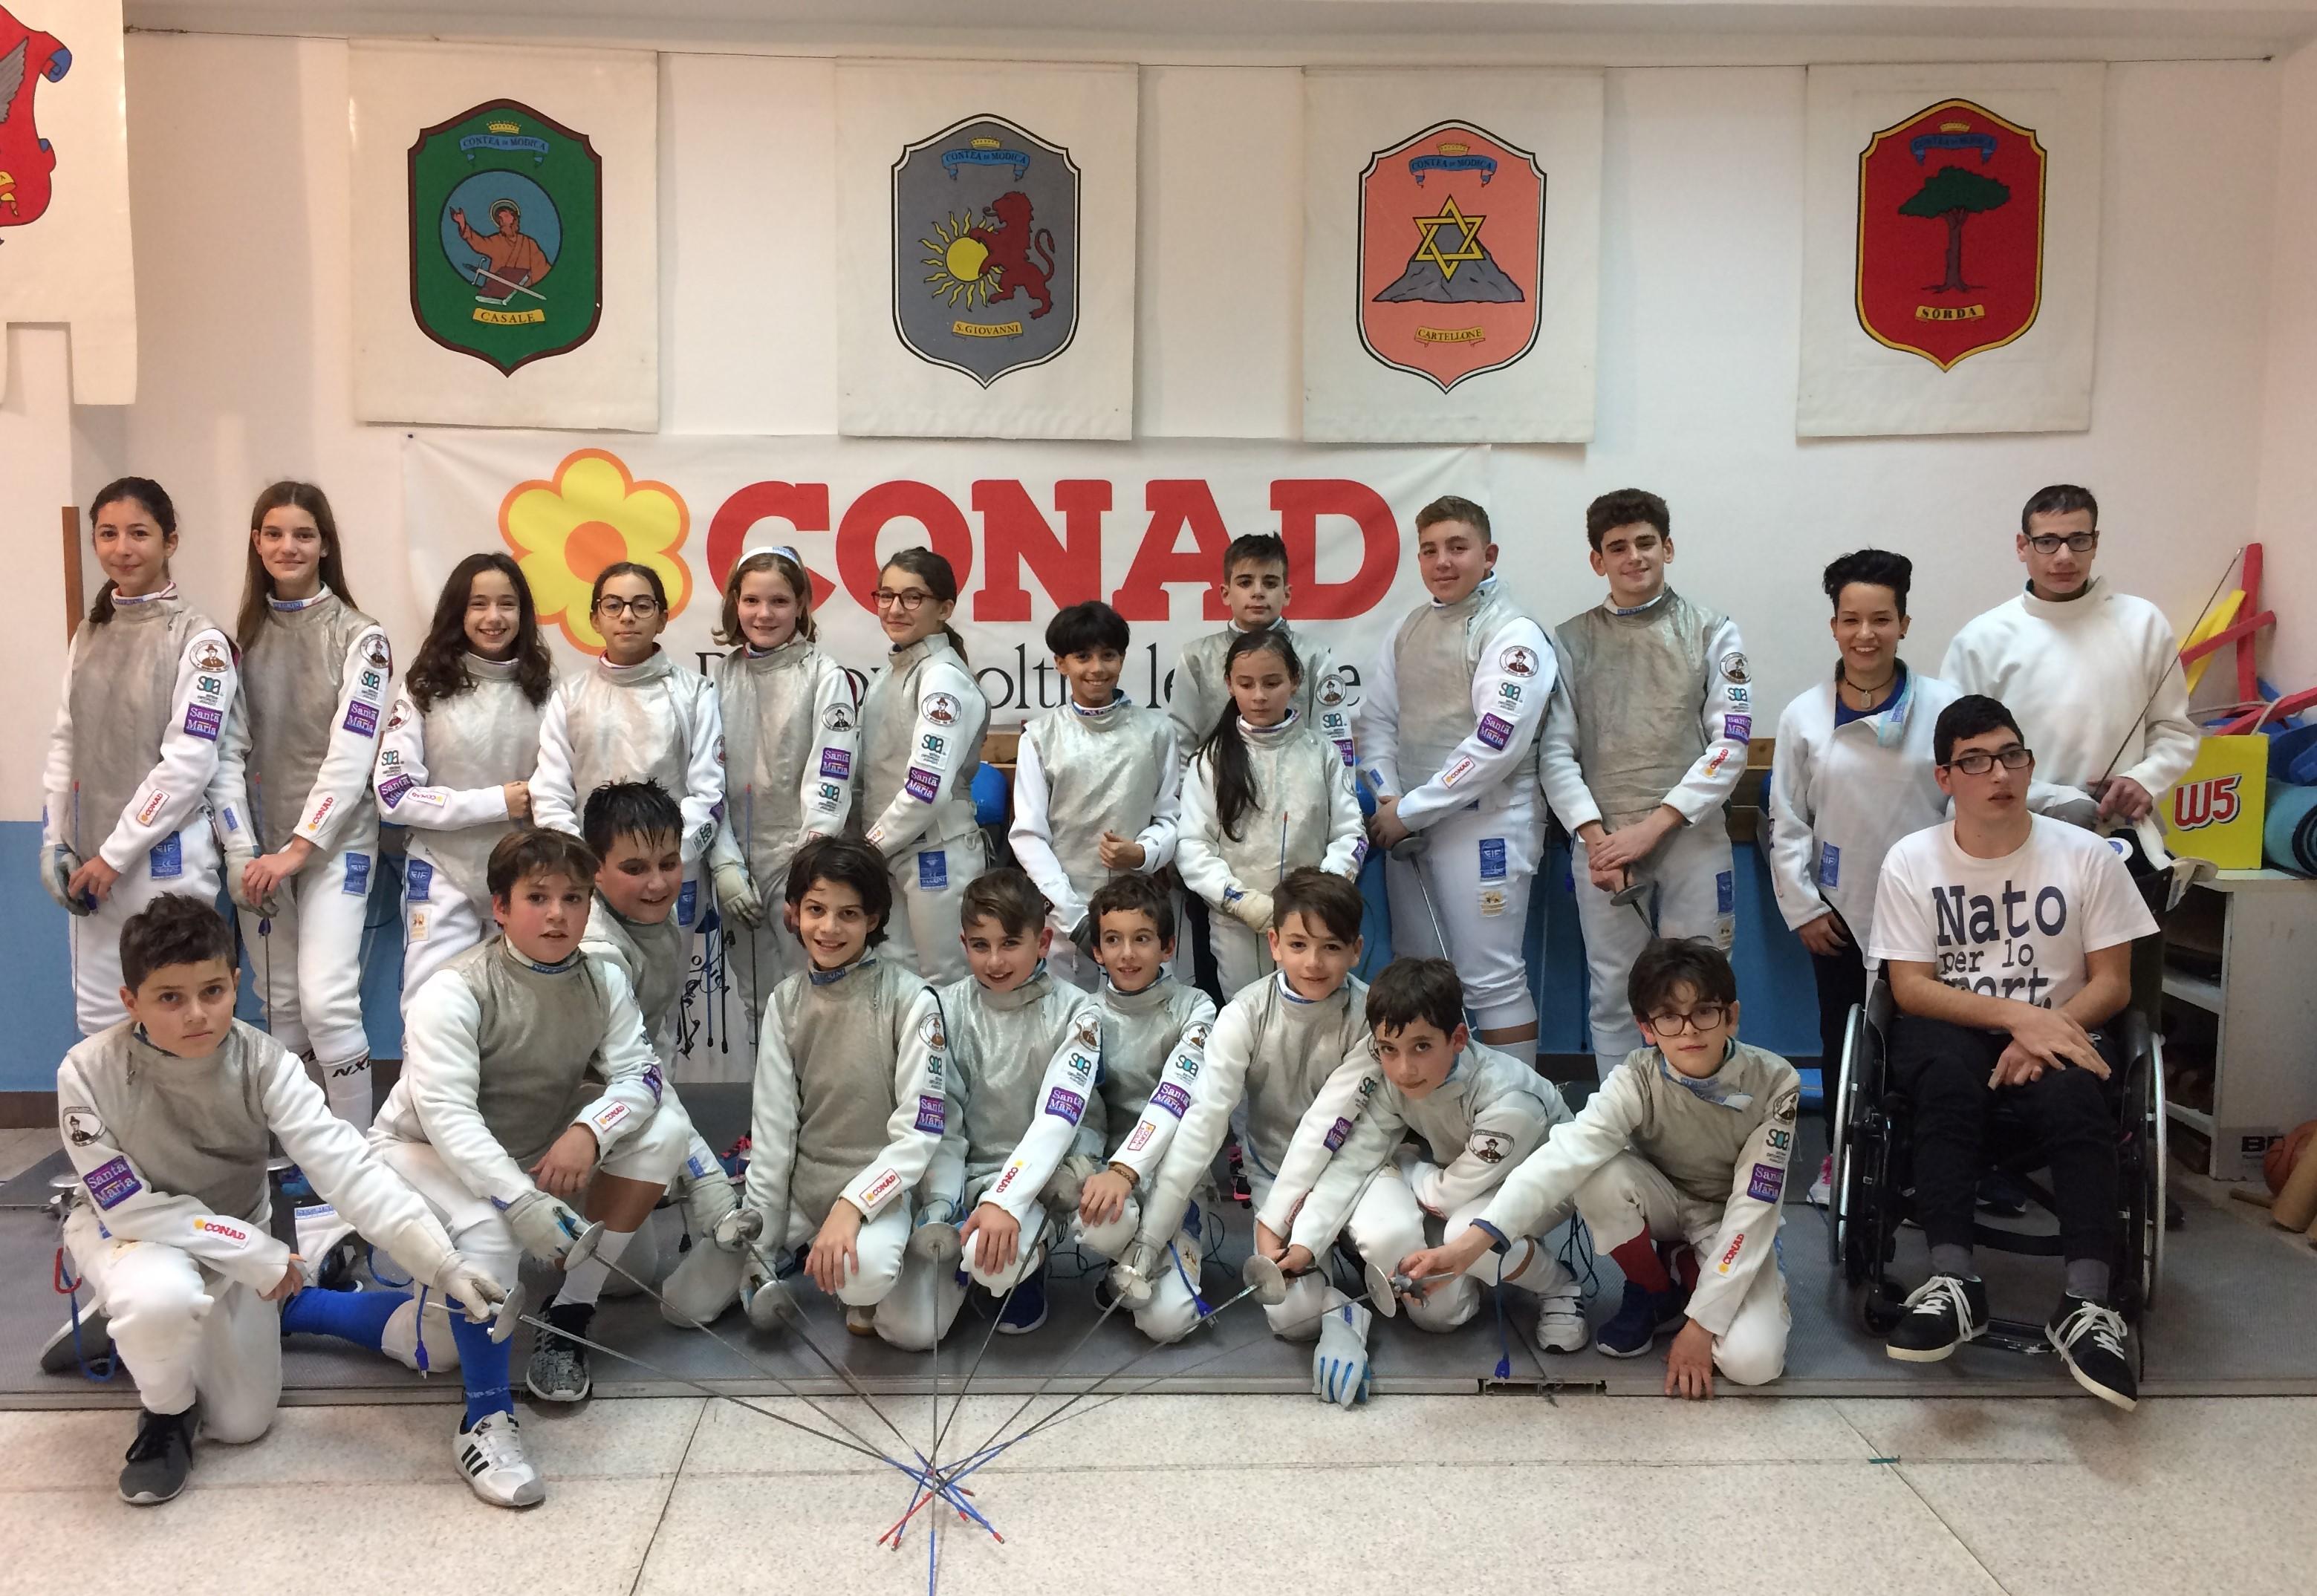 """Scherma Modica, ad Ancona il """"Grand prix Kinder + sport"""" di fioretto"""